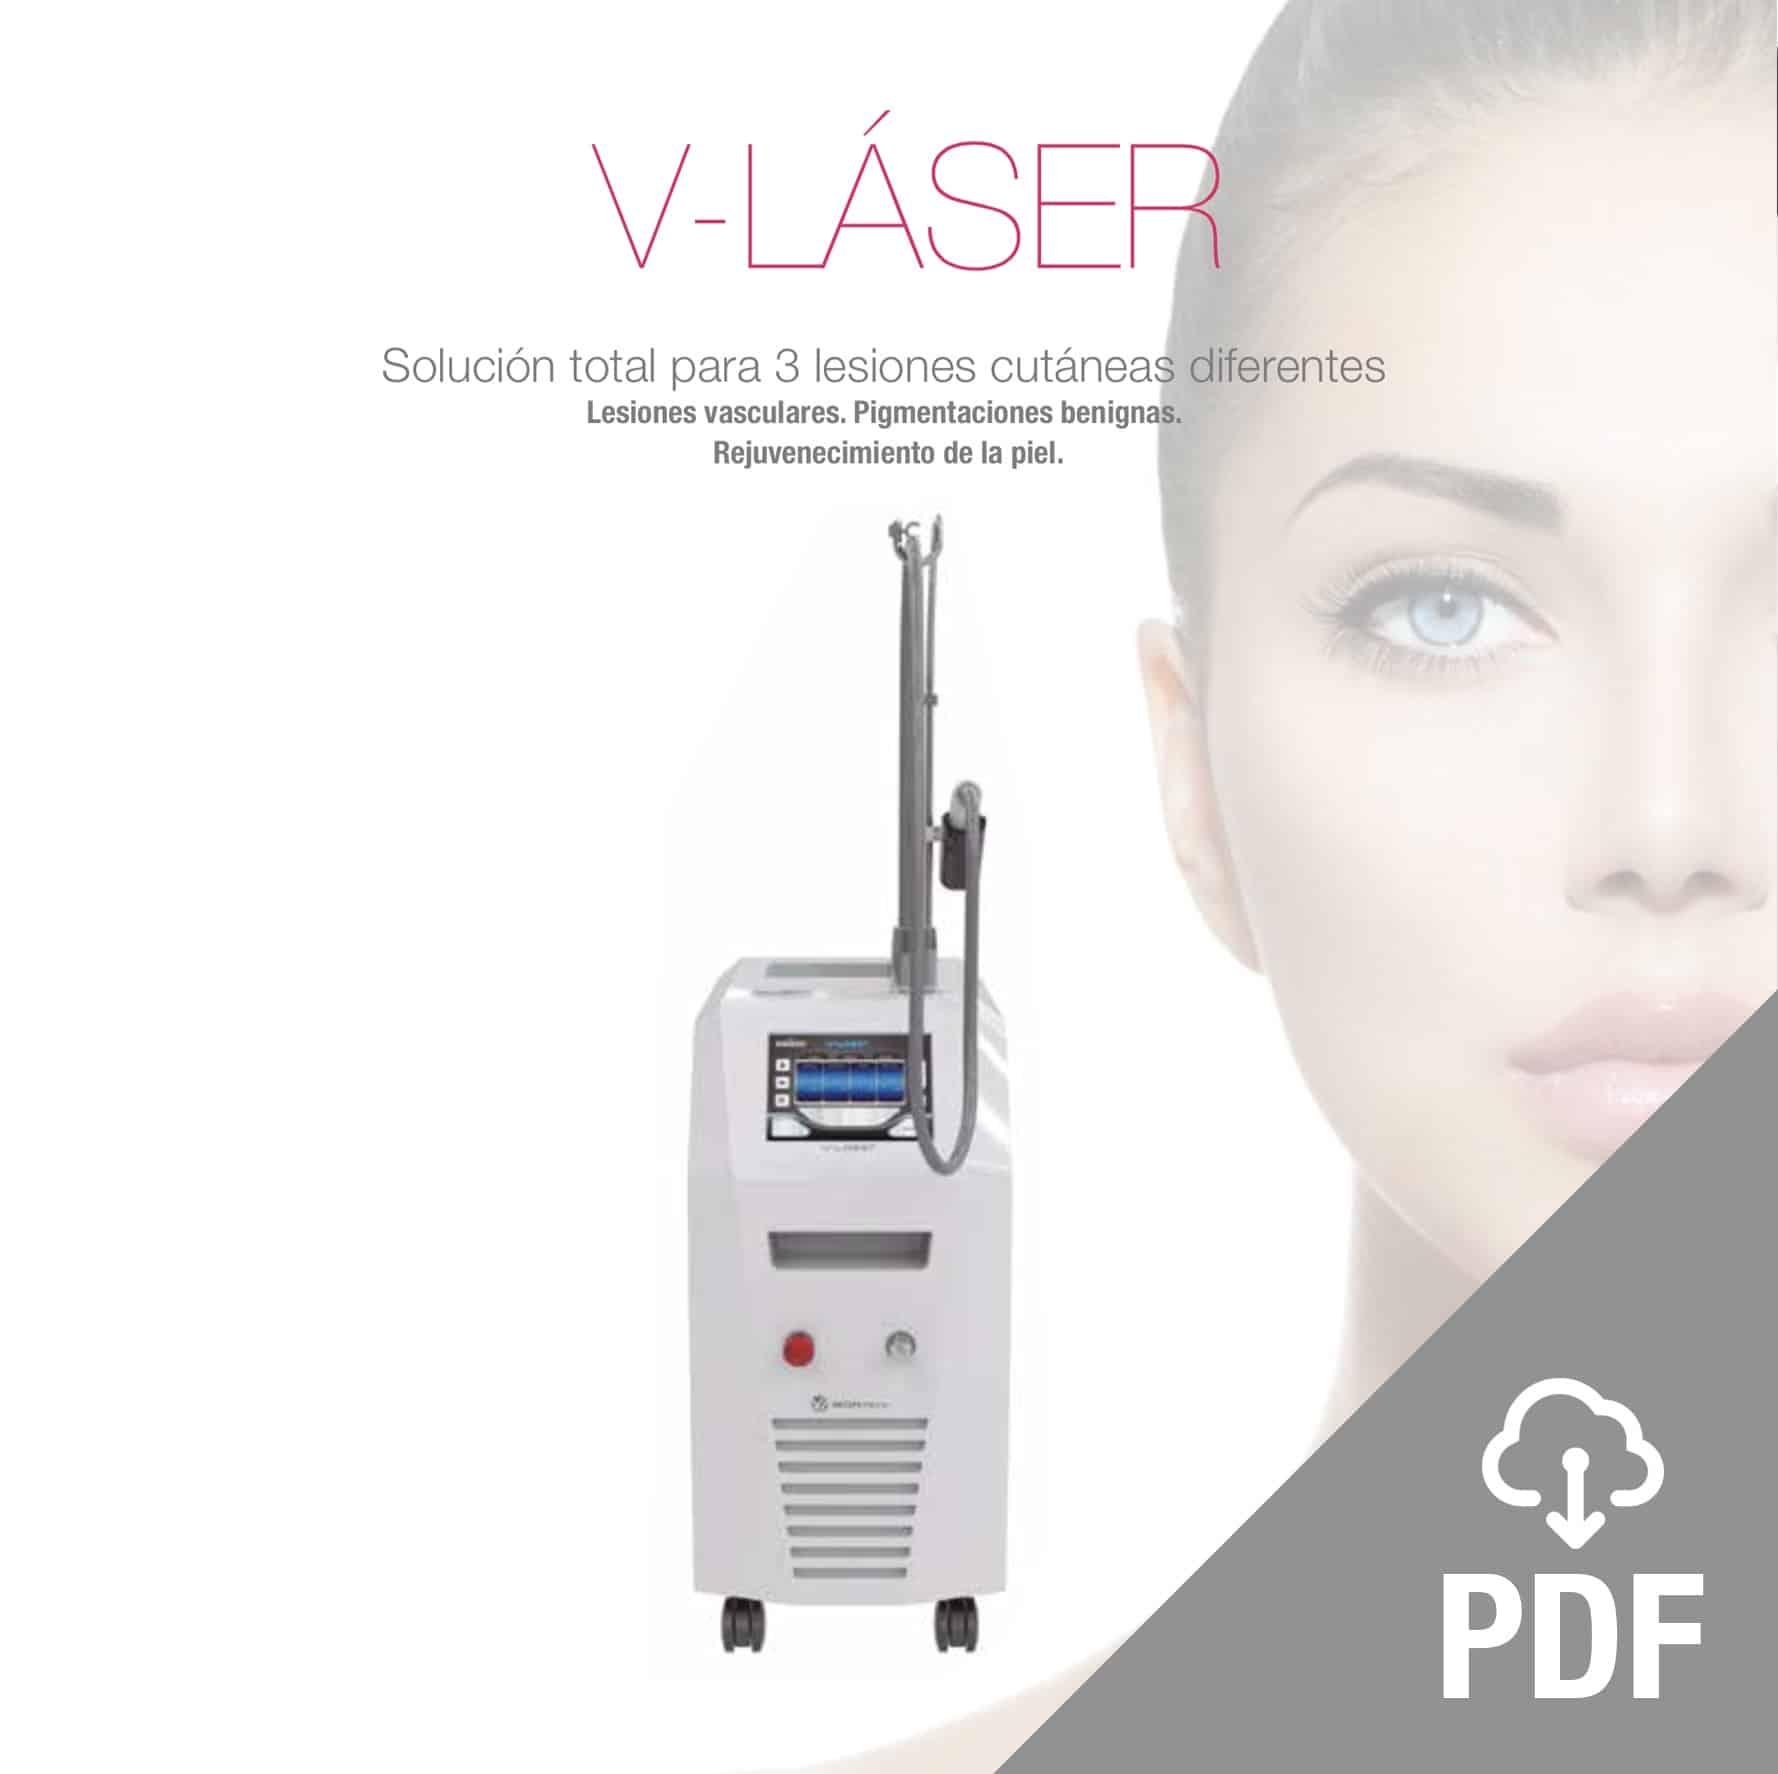 v-laser pdf lesiones vasculares, pigmentarias y rejuvenecimiento génesis, varices. Belium Medical distribuidor oficial españa